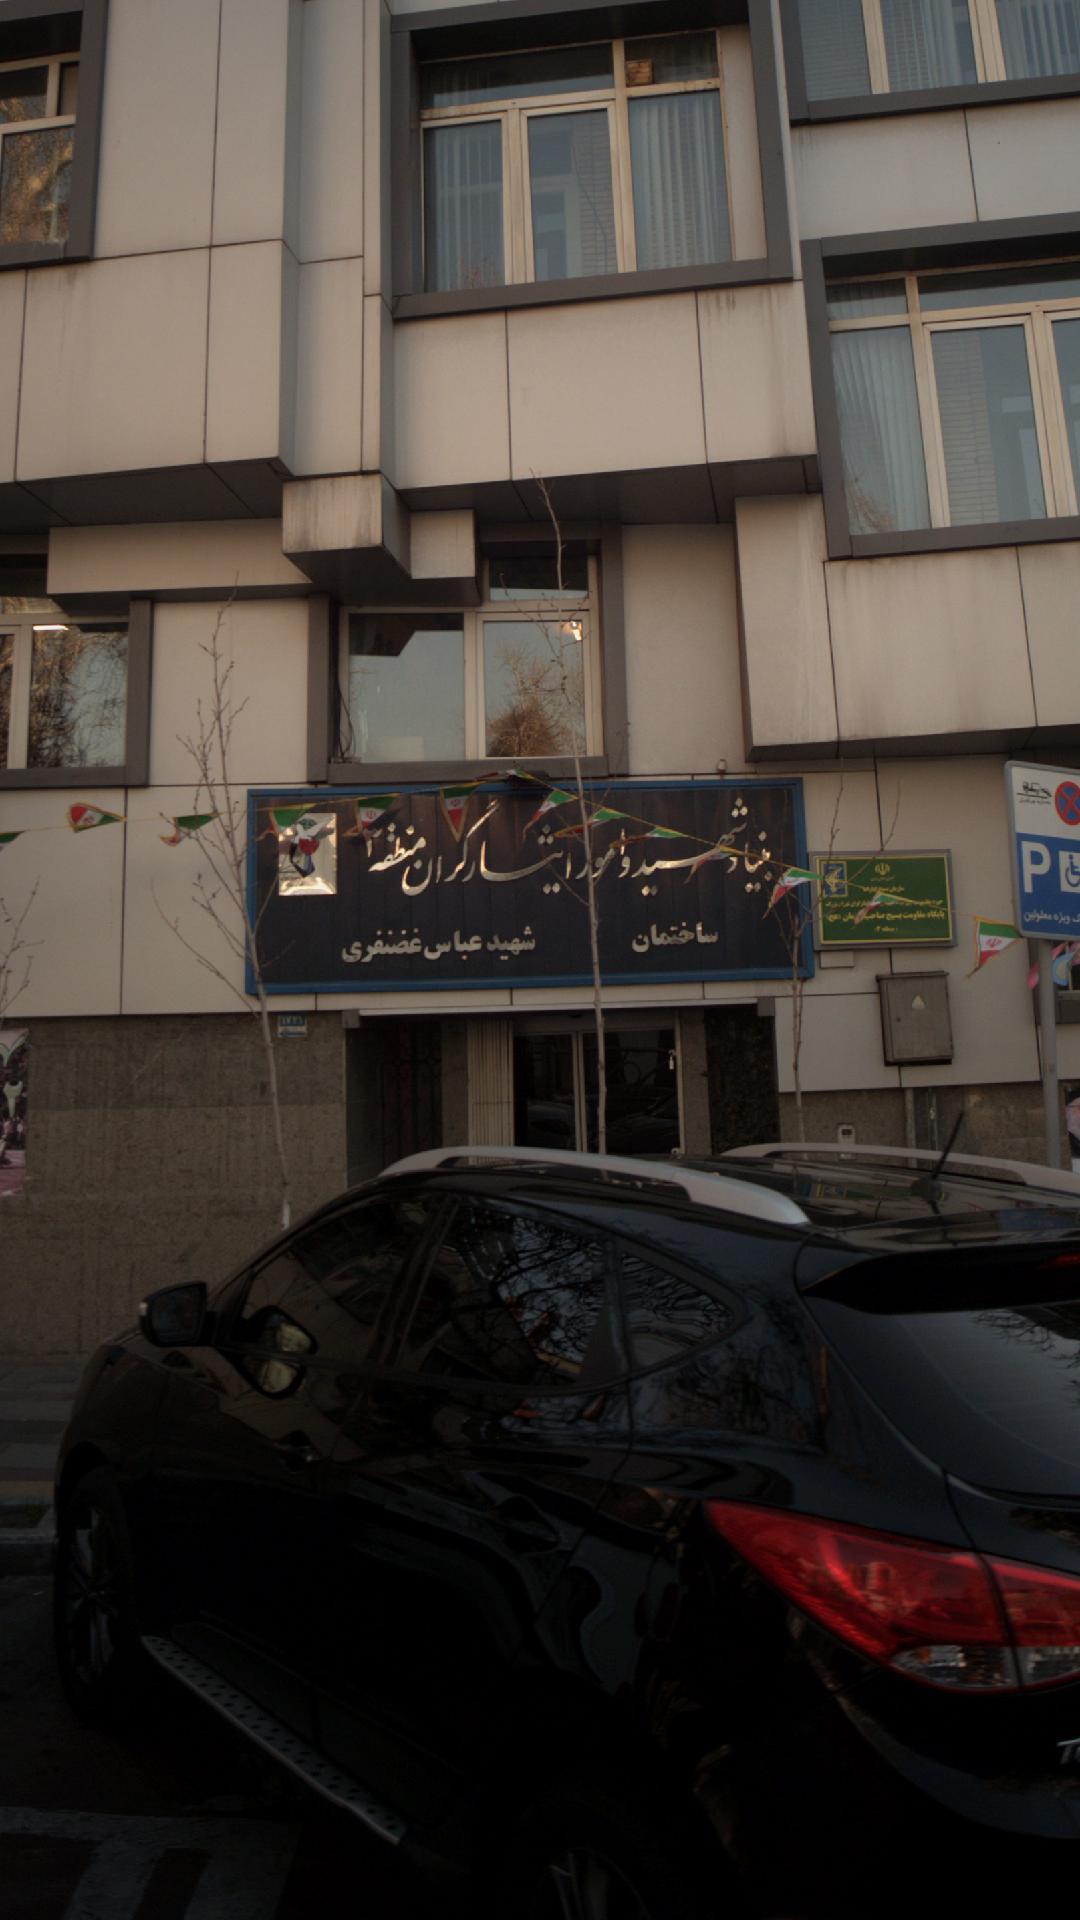 بنیاد شهید و مستضعفان منطقه ۳